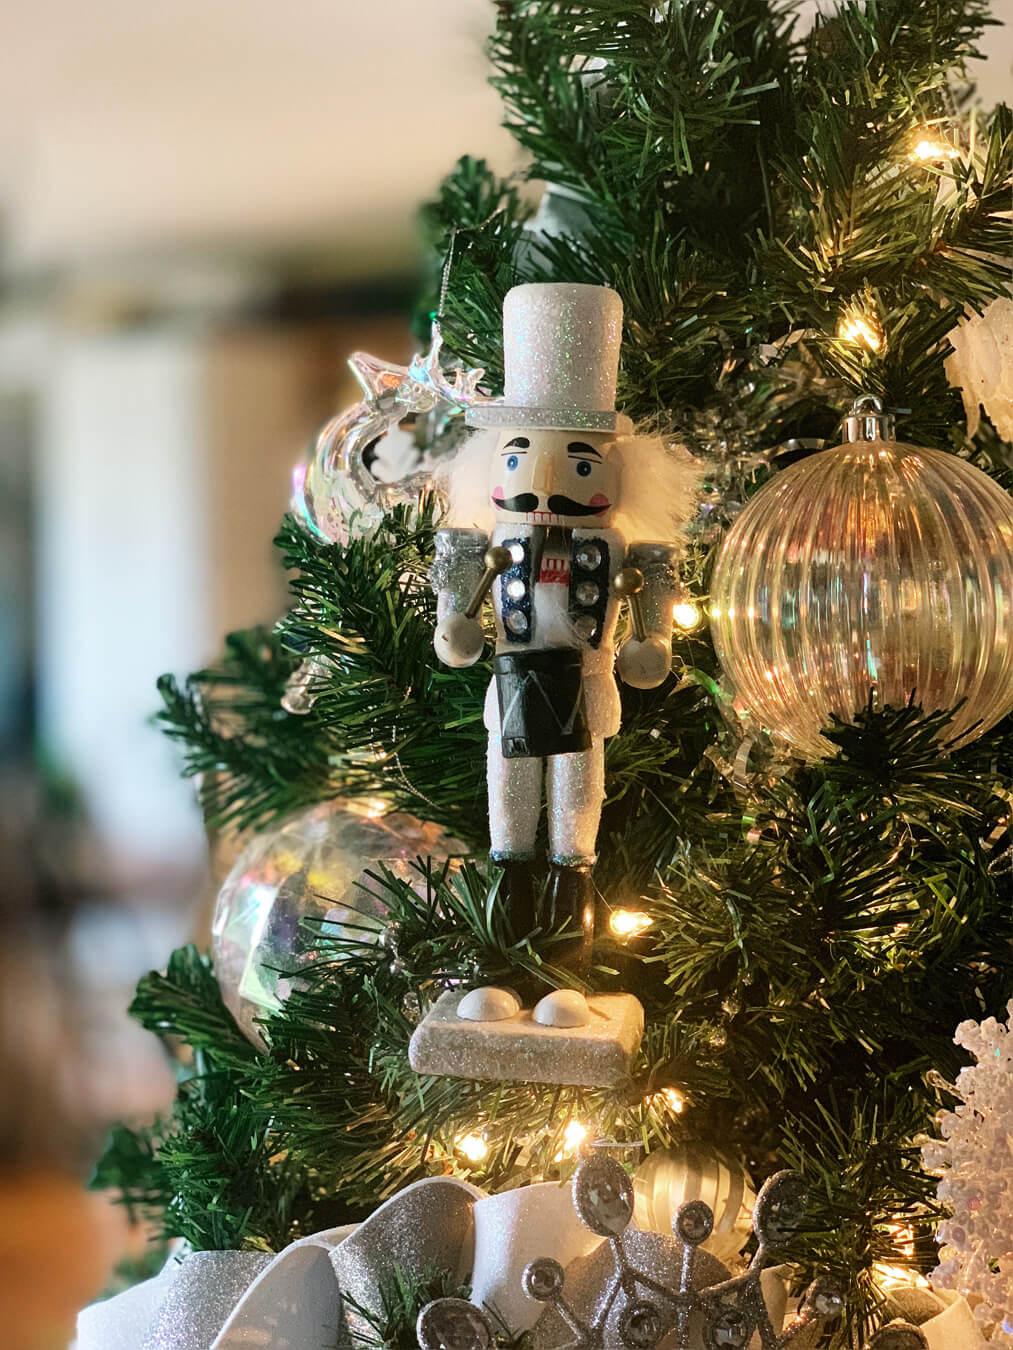 Nutcracker Christmas Tree Ornament